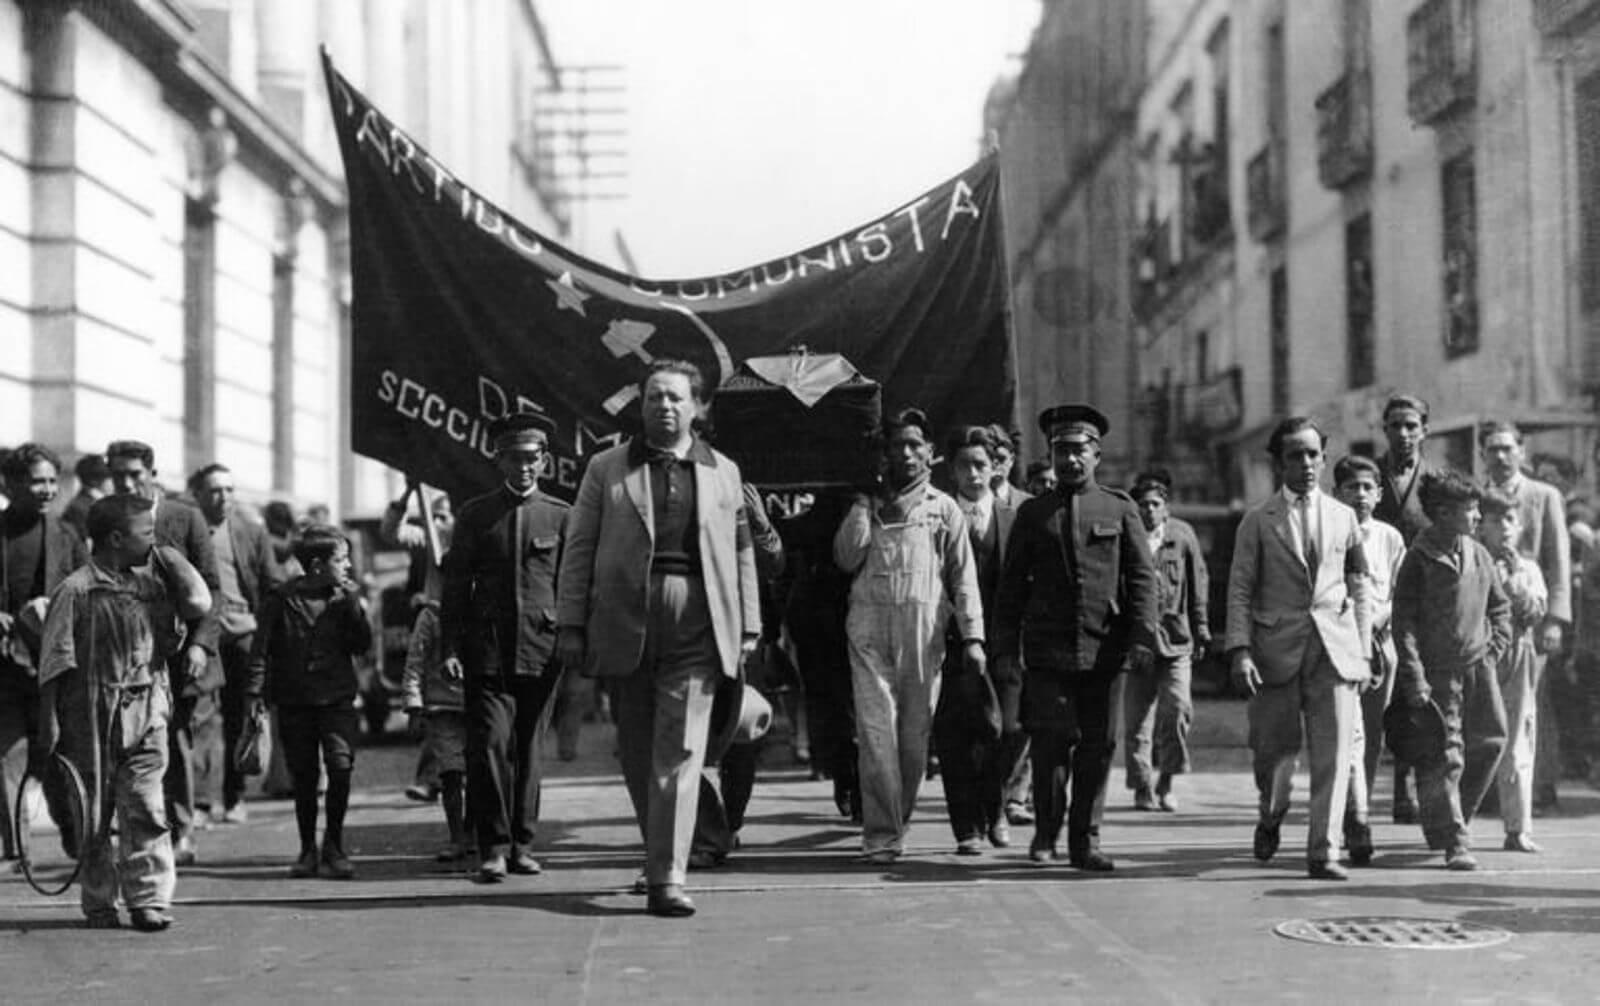 Marcha del partido comunista mexicano